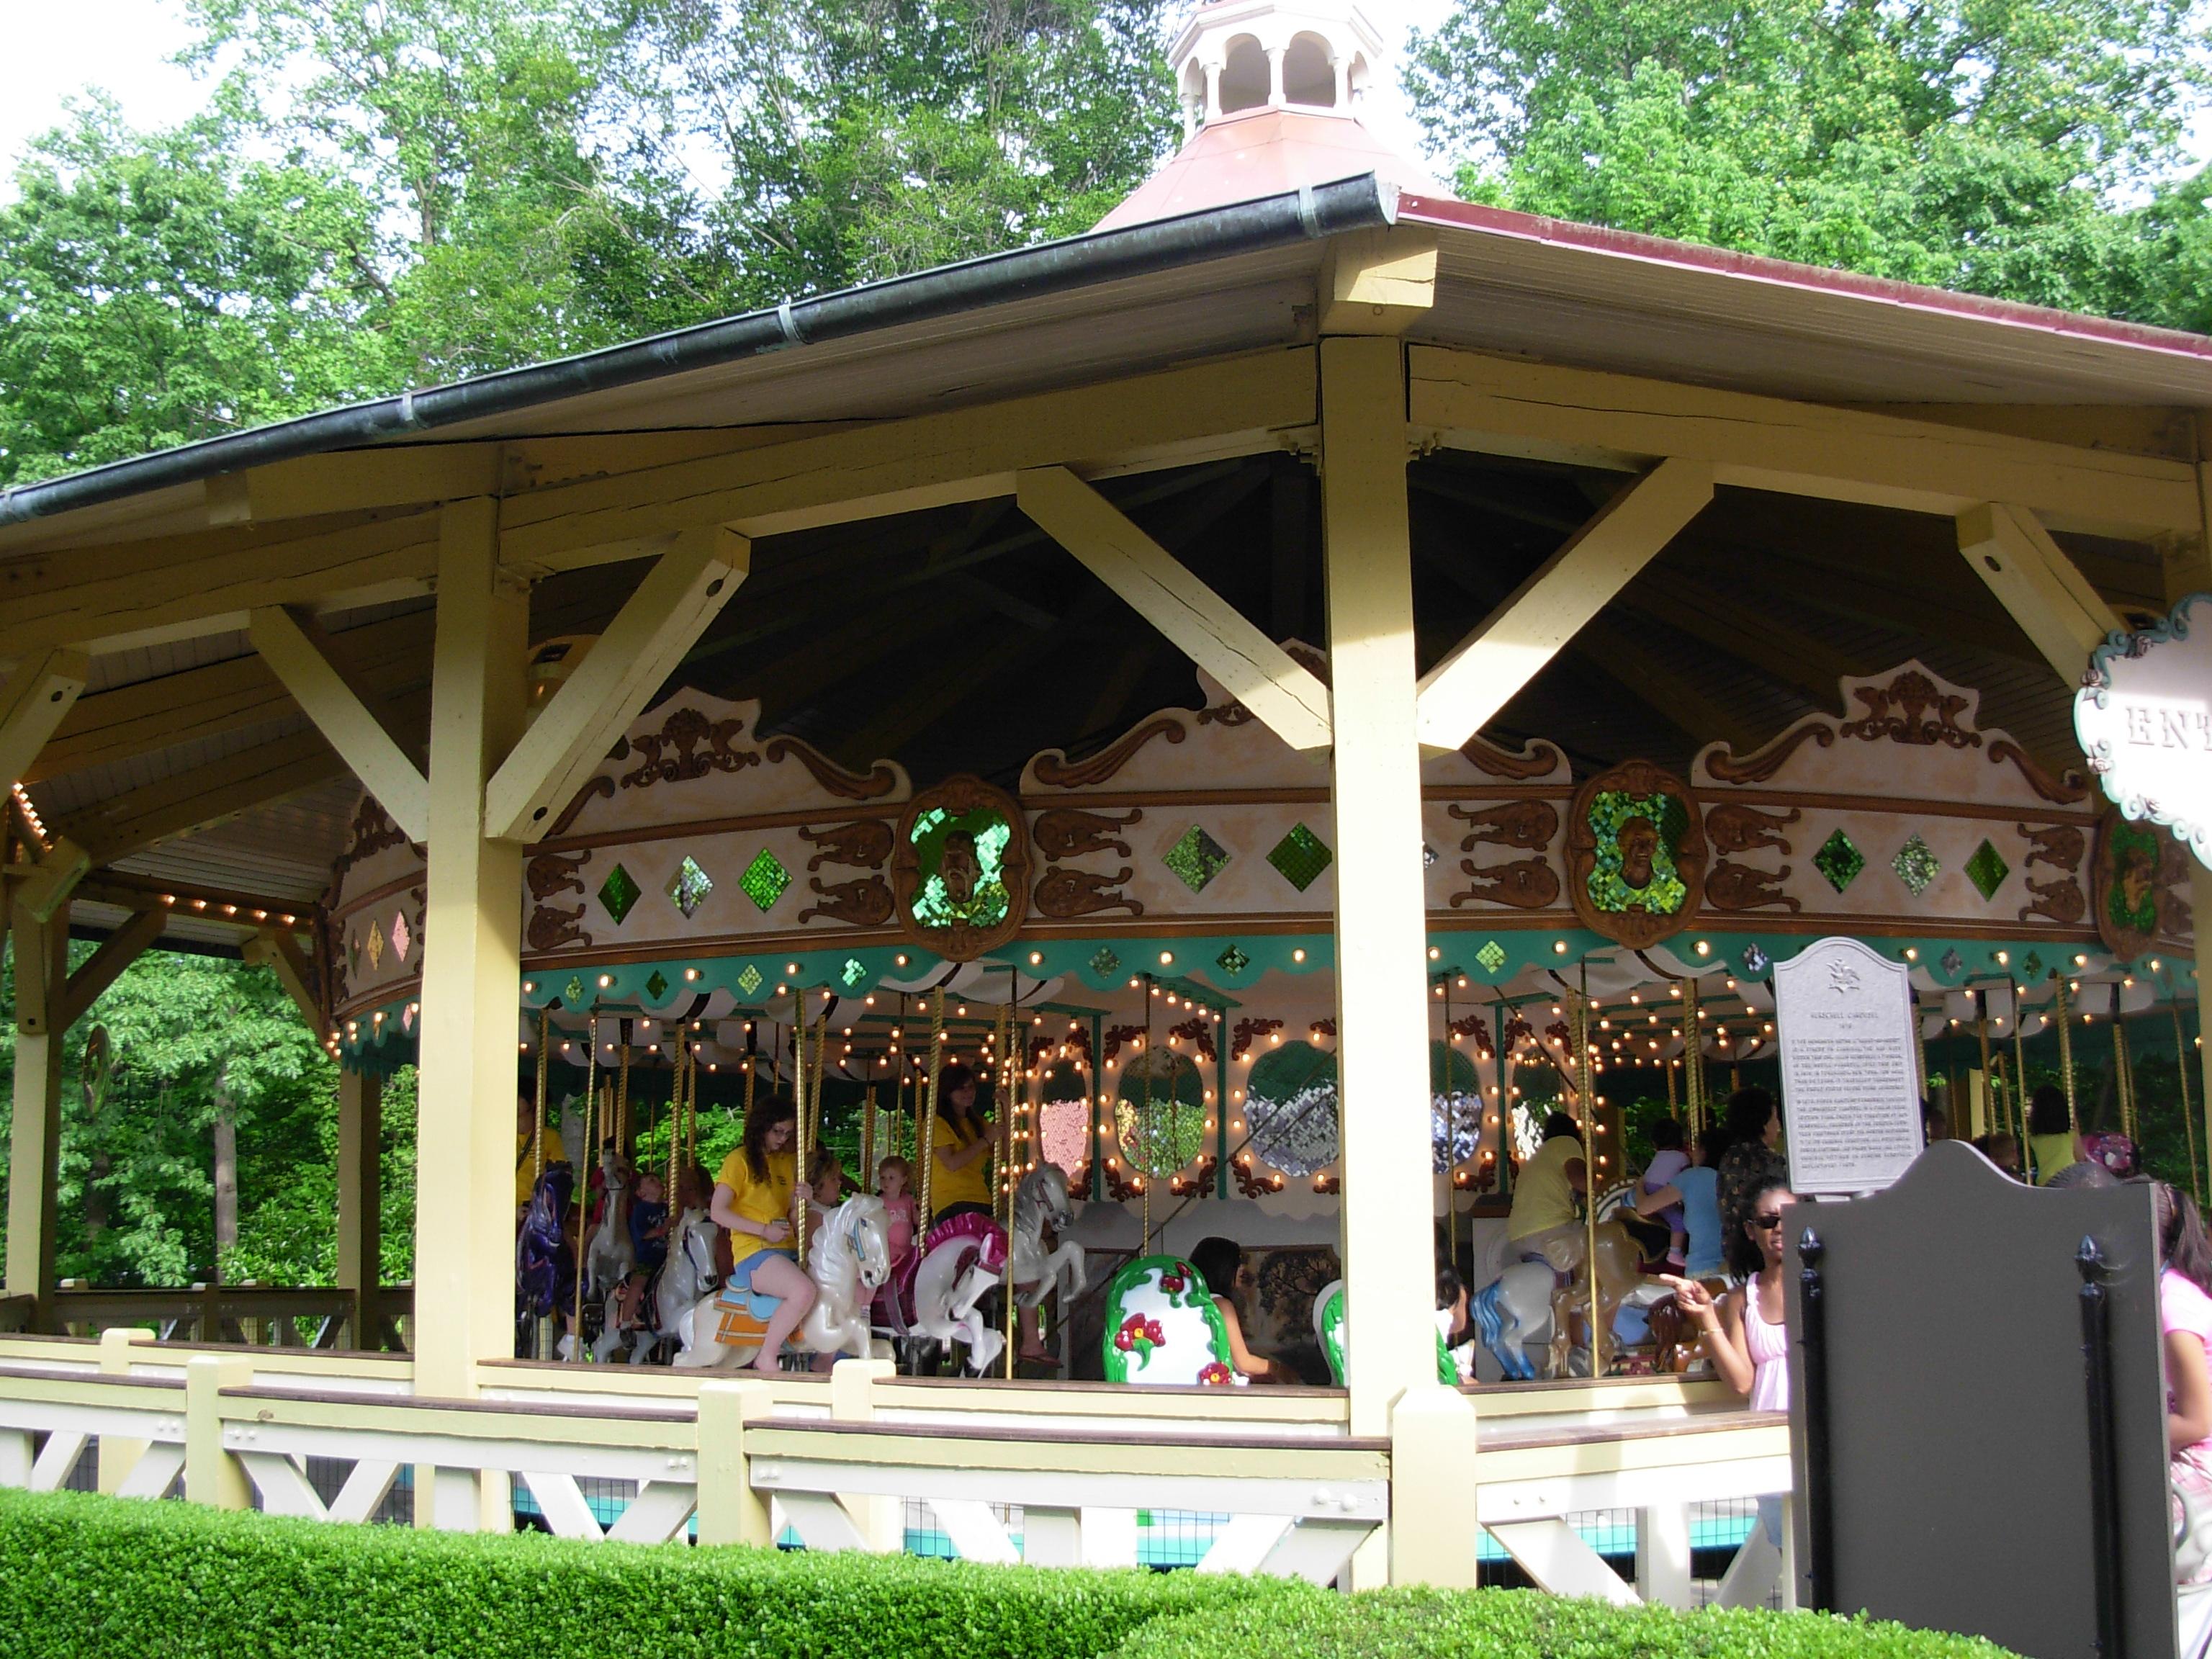 File:Kinder Karussel (Busch Gardens Williamsburg).jpg - Wikimedia ...